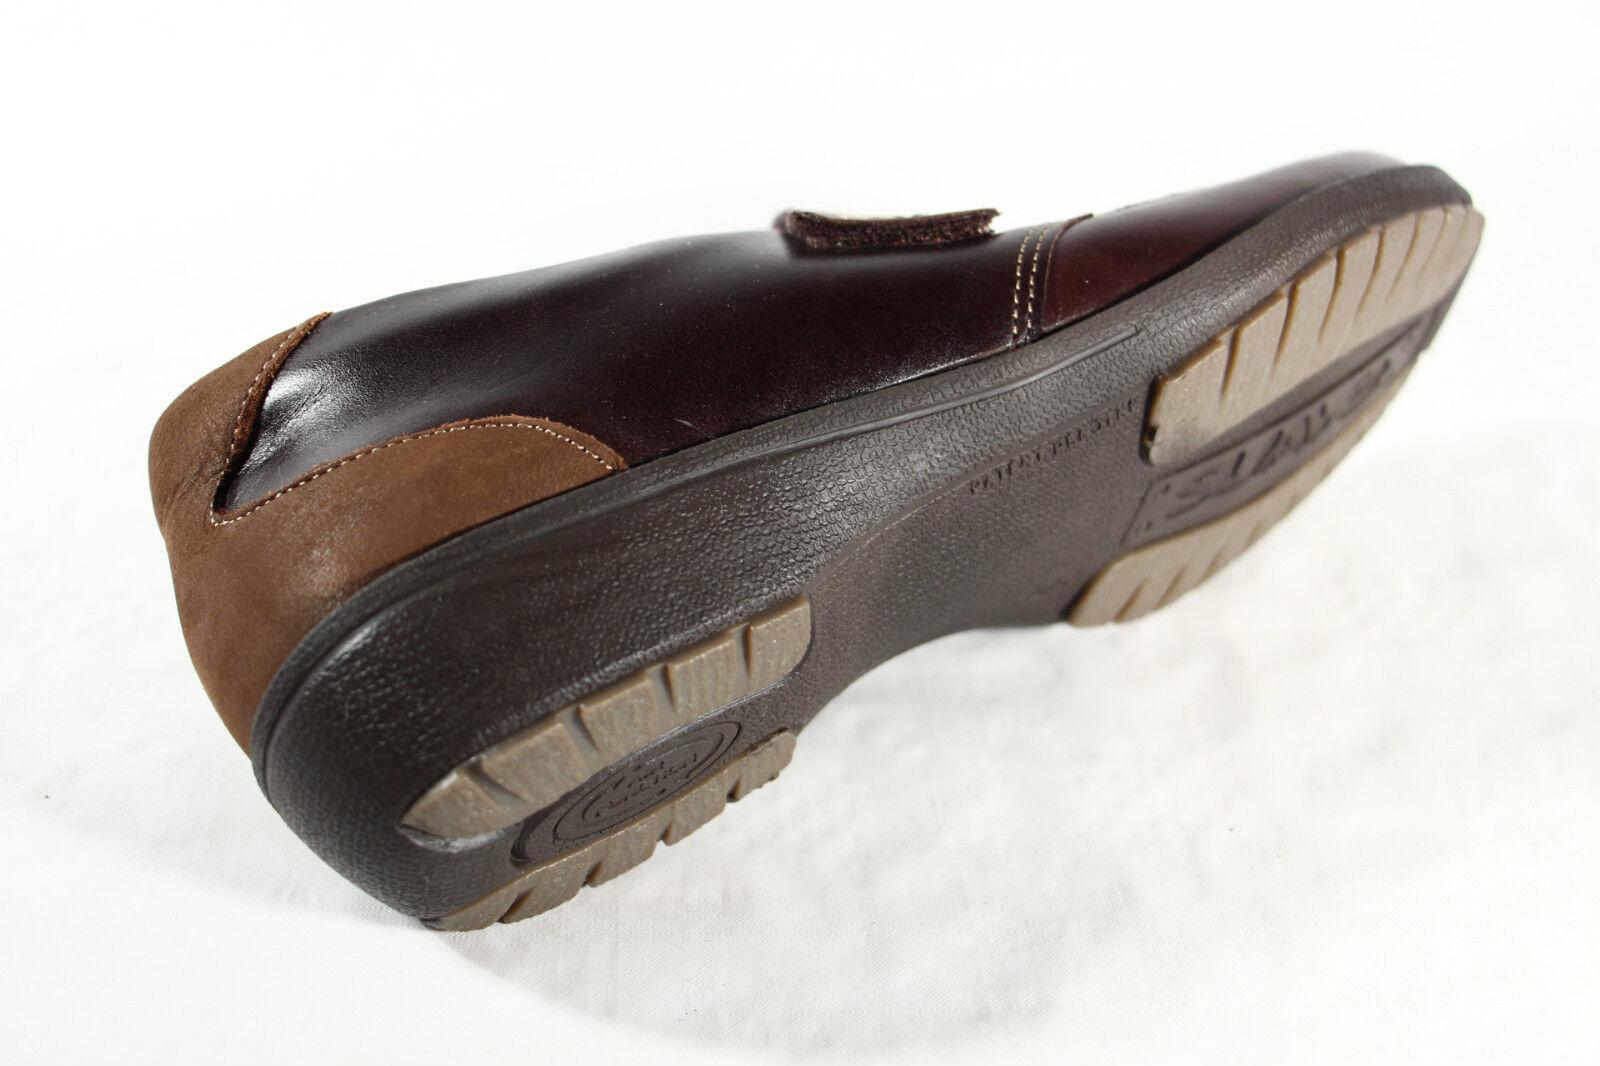 Comfortabel Wechselfußbett Damen Slipper braun Lederfutter Wechselfußbett Comfortabel 941339   NEU 3f0f19